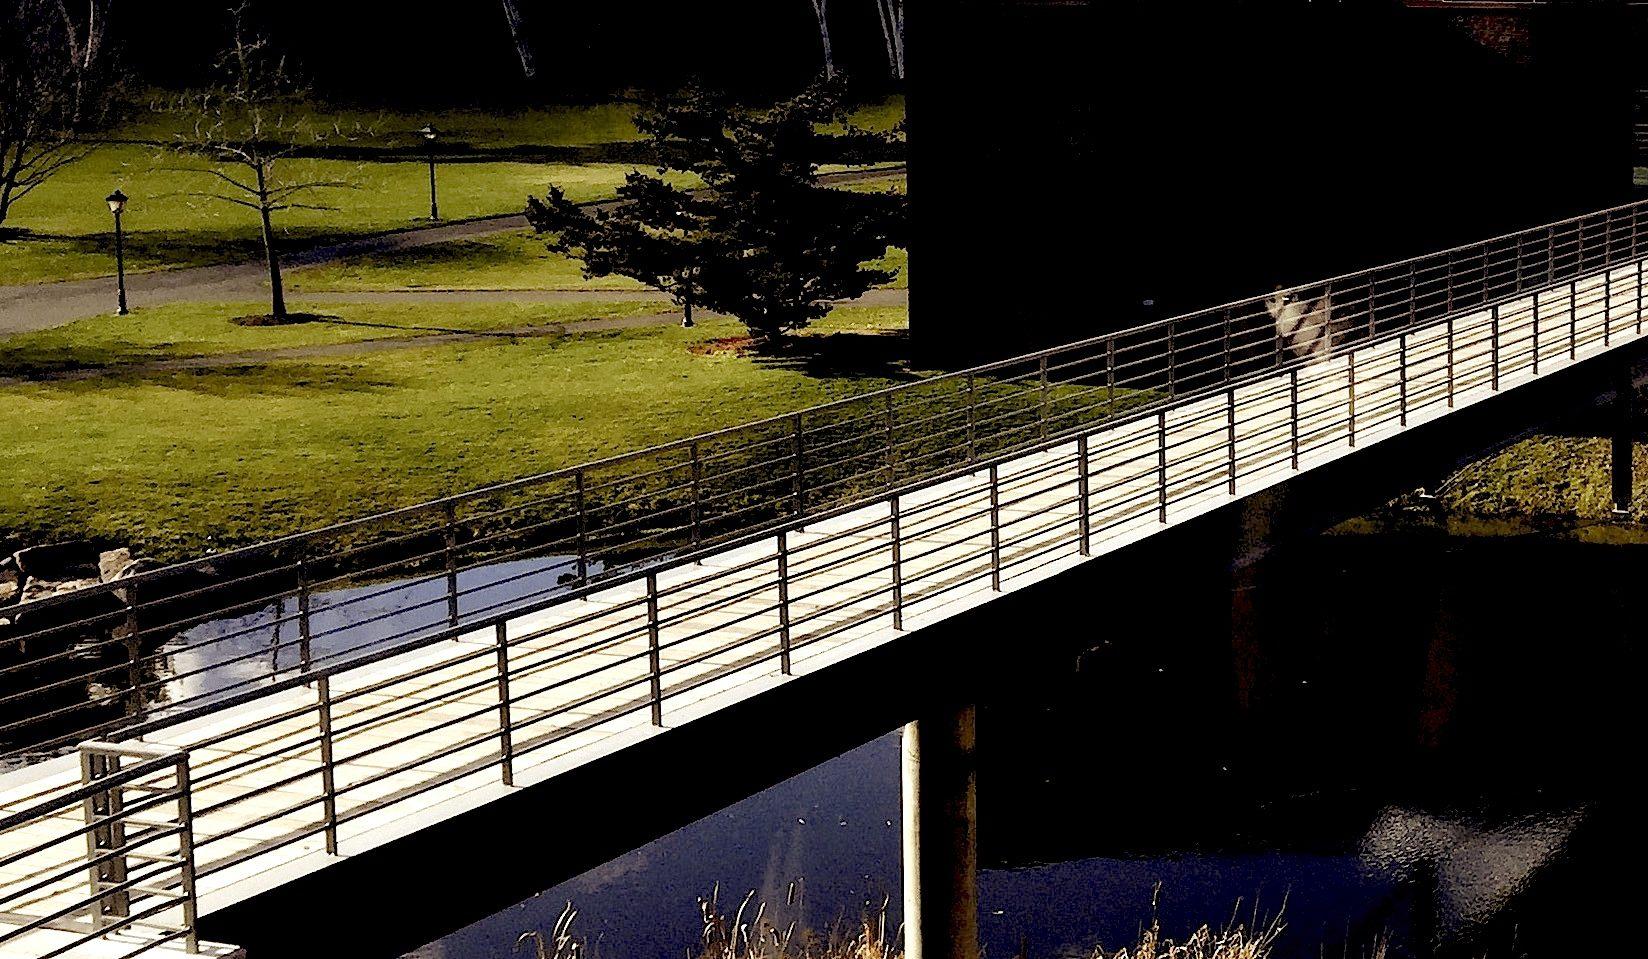 puente-bridge